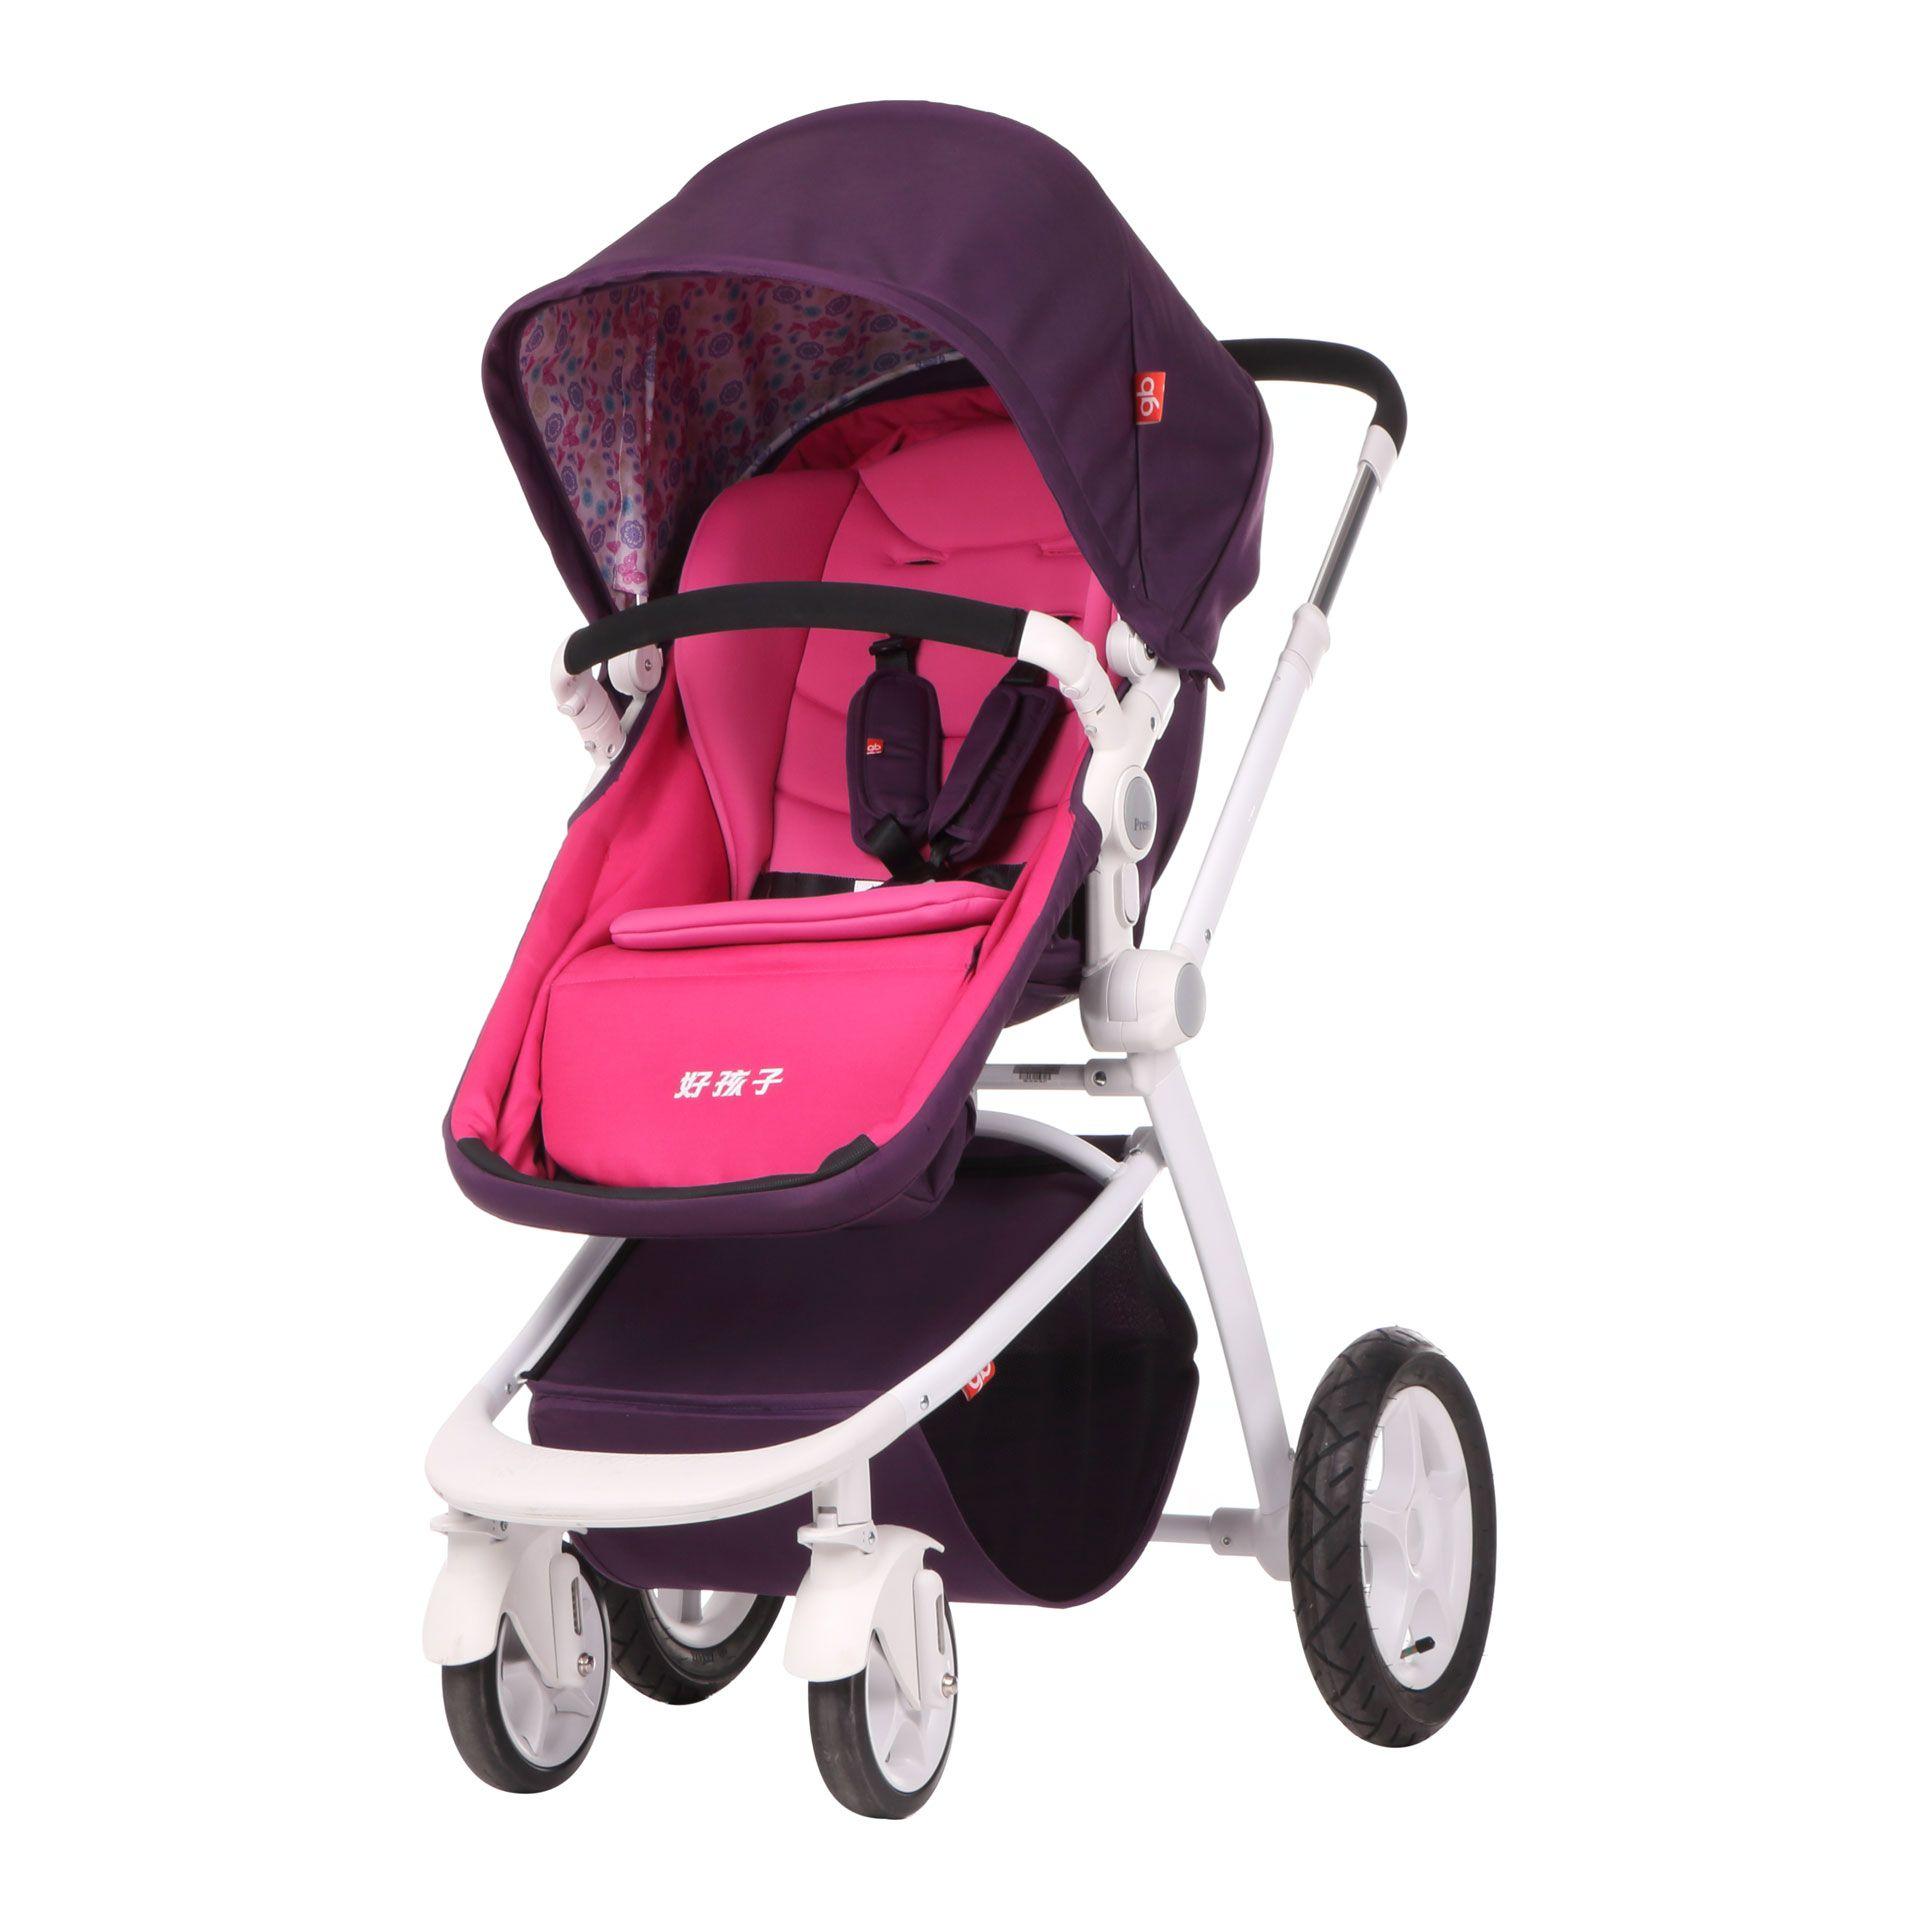 好孩子婴儿推车视频_gb好孩子铂金升级版 高景观多功能婴儿推车 GB08-W-L446RP_好孩子